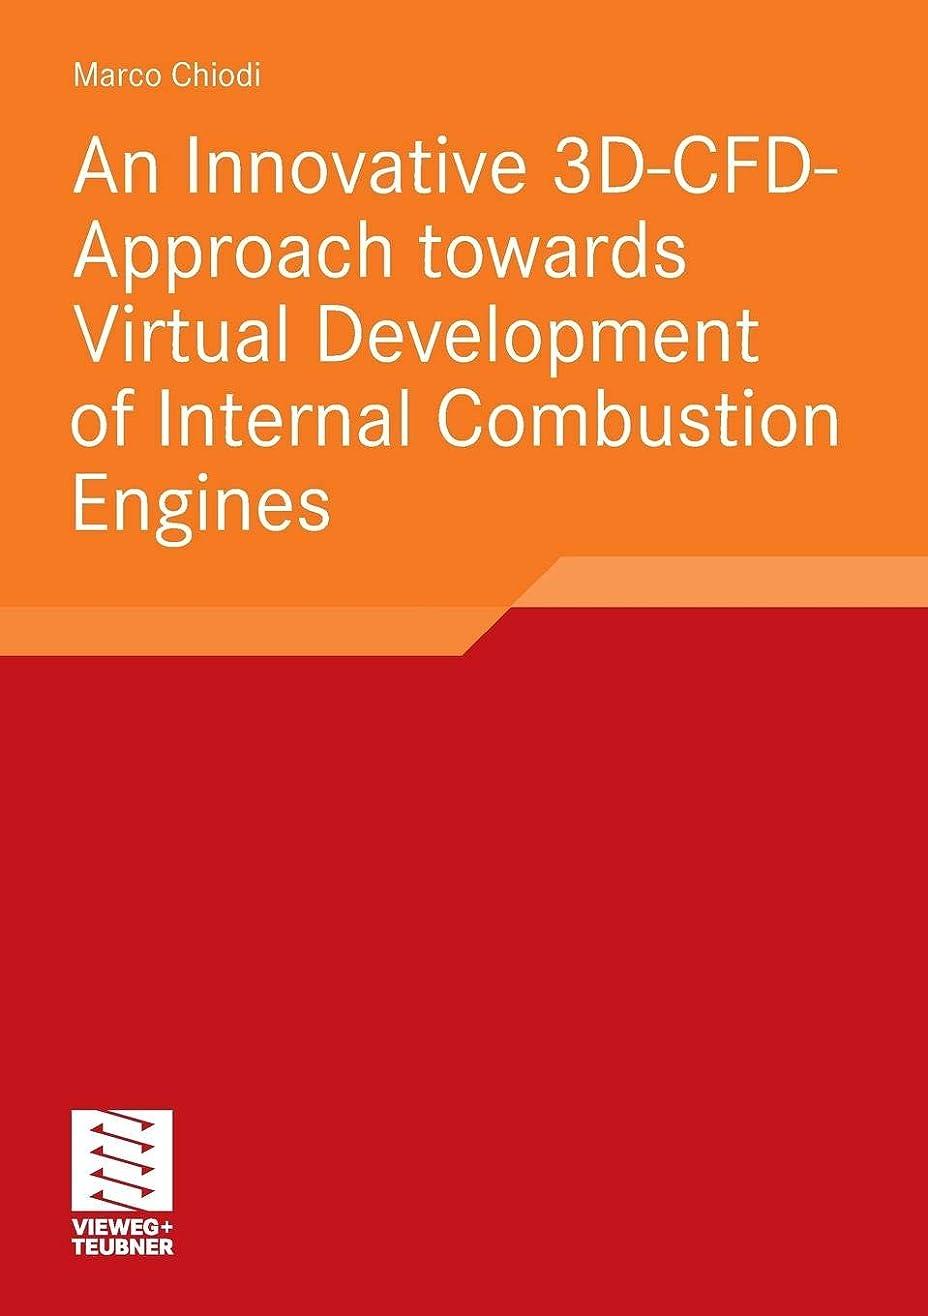 天才ビジターシャーAn Innovative 3D-CFD-Approach towards Virtual Development of Internal Combustion Engines